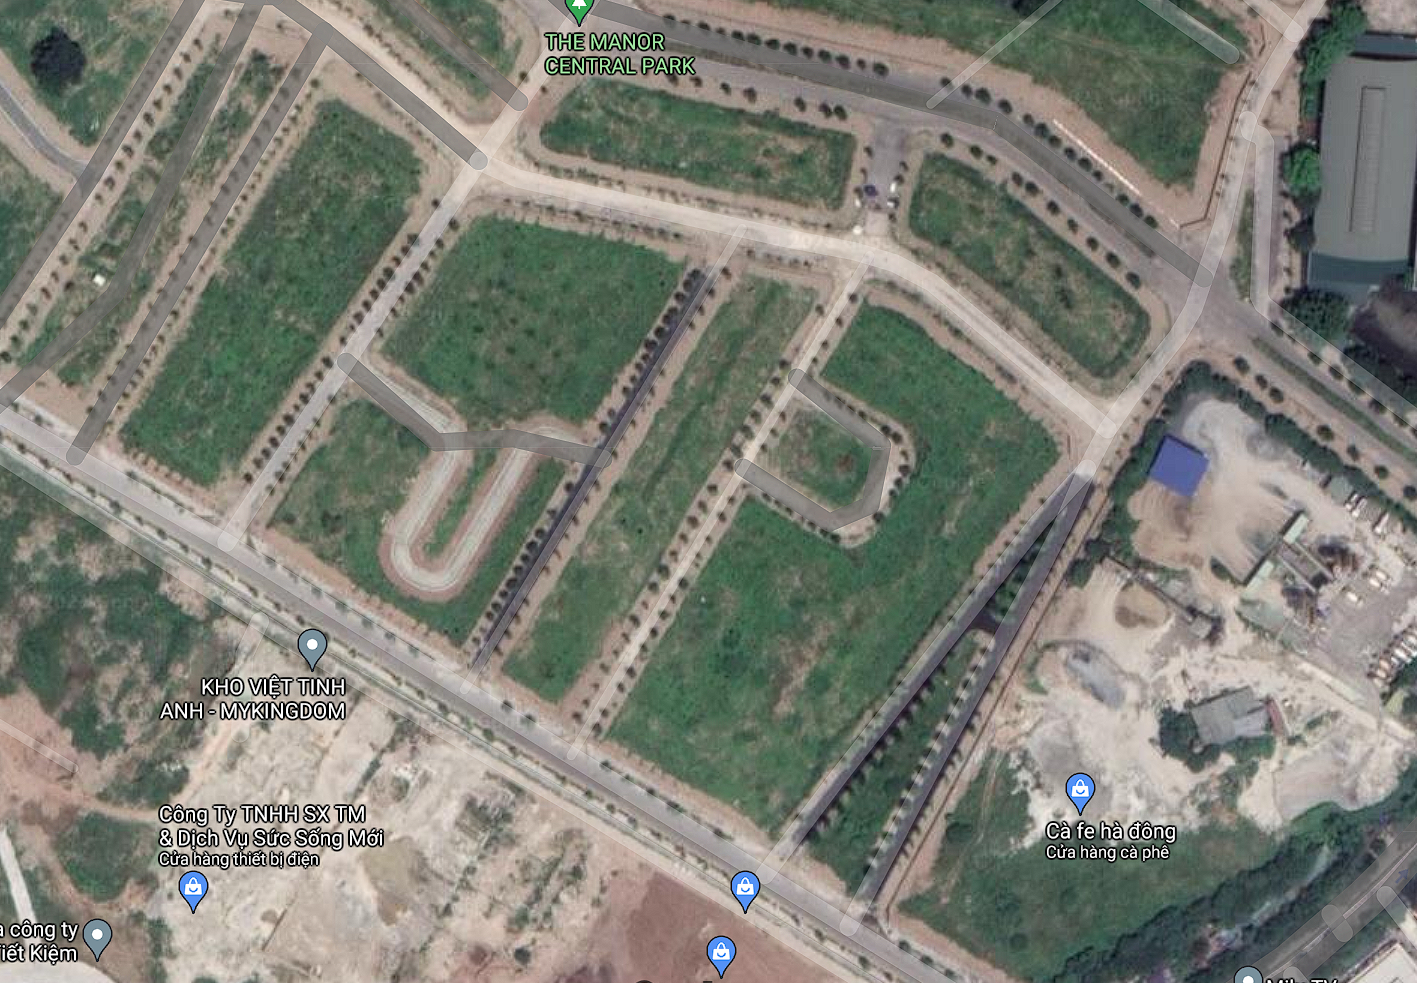 Đất dính quy hoạch ở xã Thanh Liệt, Thanh Trì, Hà Nội - Ảnh 2.